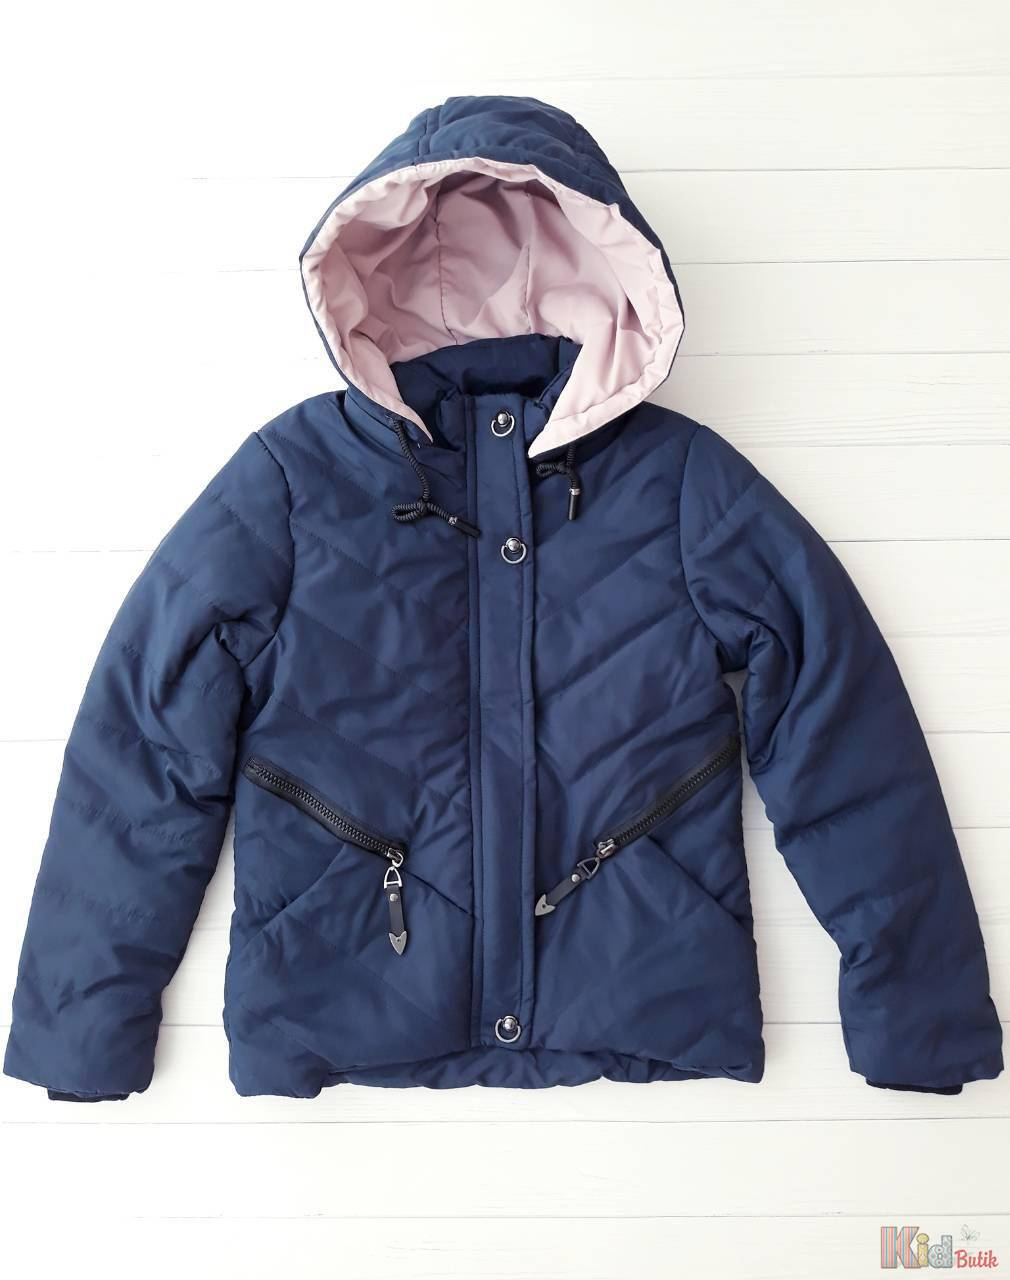 51e4e78188e3 ᐈ Куртки демисезонные для девочек, весенние куртки ᐈ Купить в интернет  магазине KidButik™ ➔ Выгодная цена!